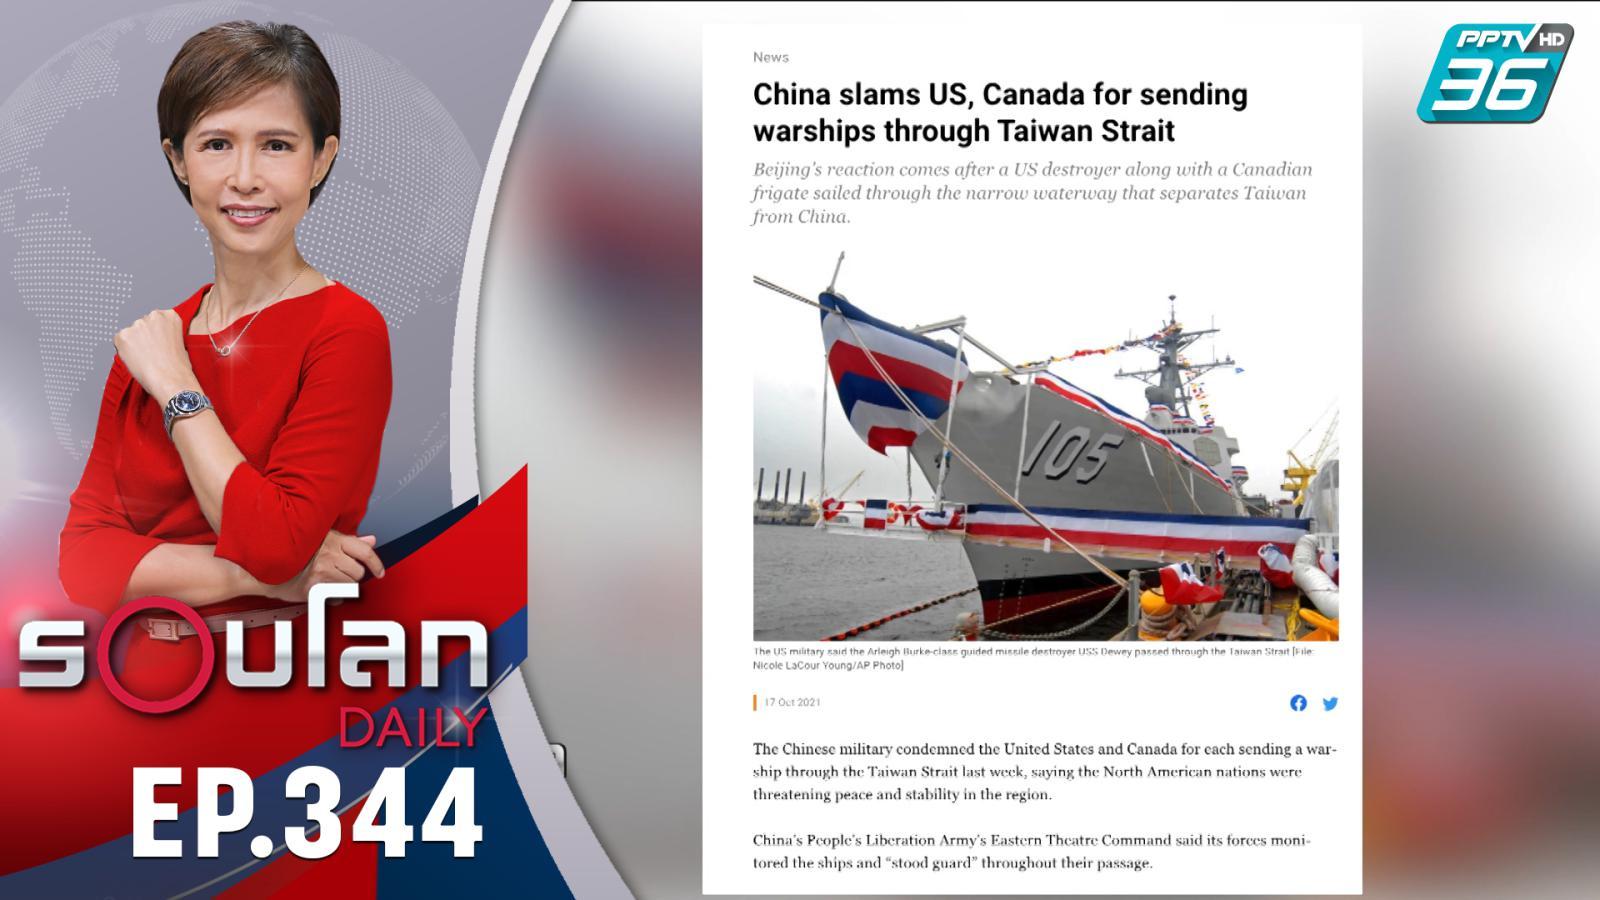 จีนประณามชาติตะวันตก ส่งเรือรบเข้าช่องแคบไต้หวัน   18 ต.ค. 64   รอบโลก DAILY